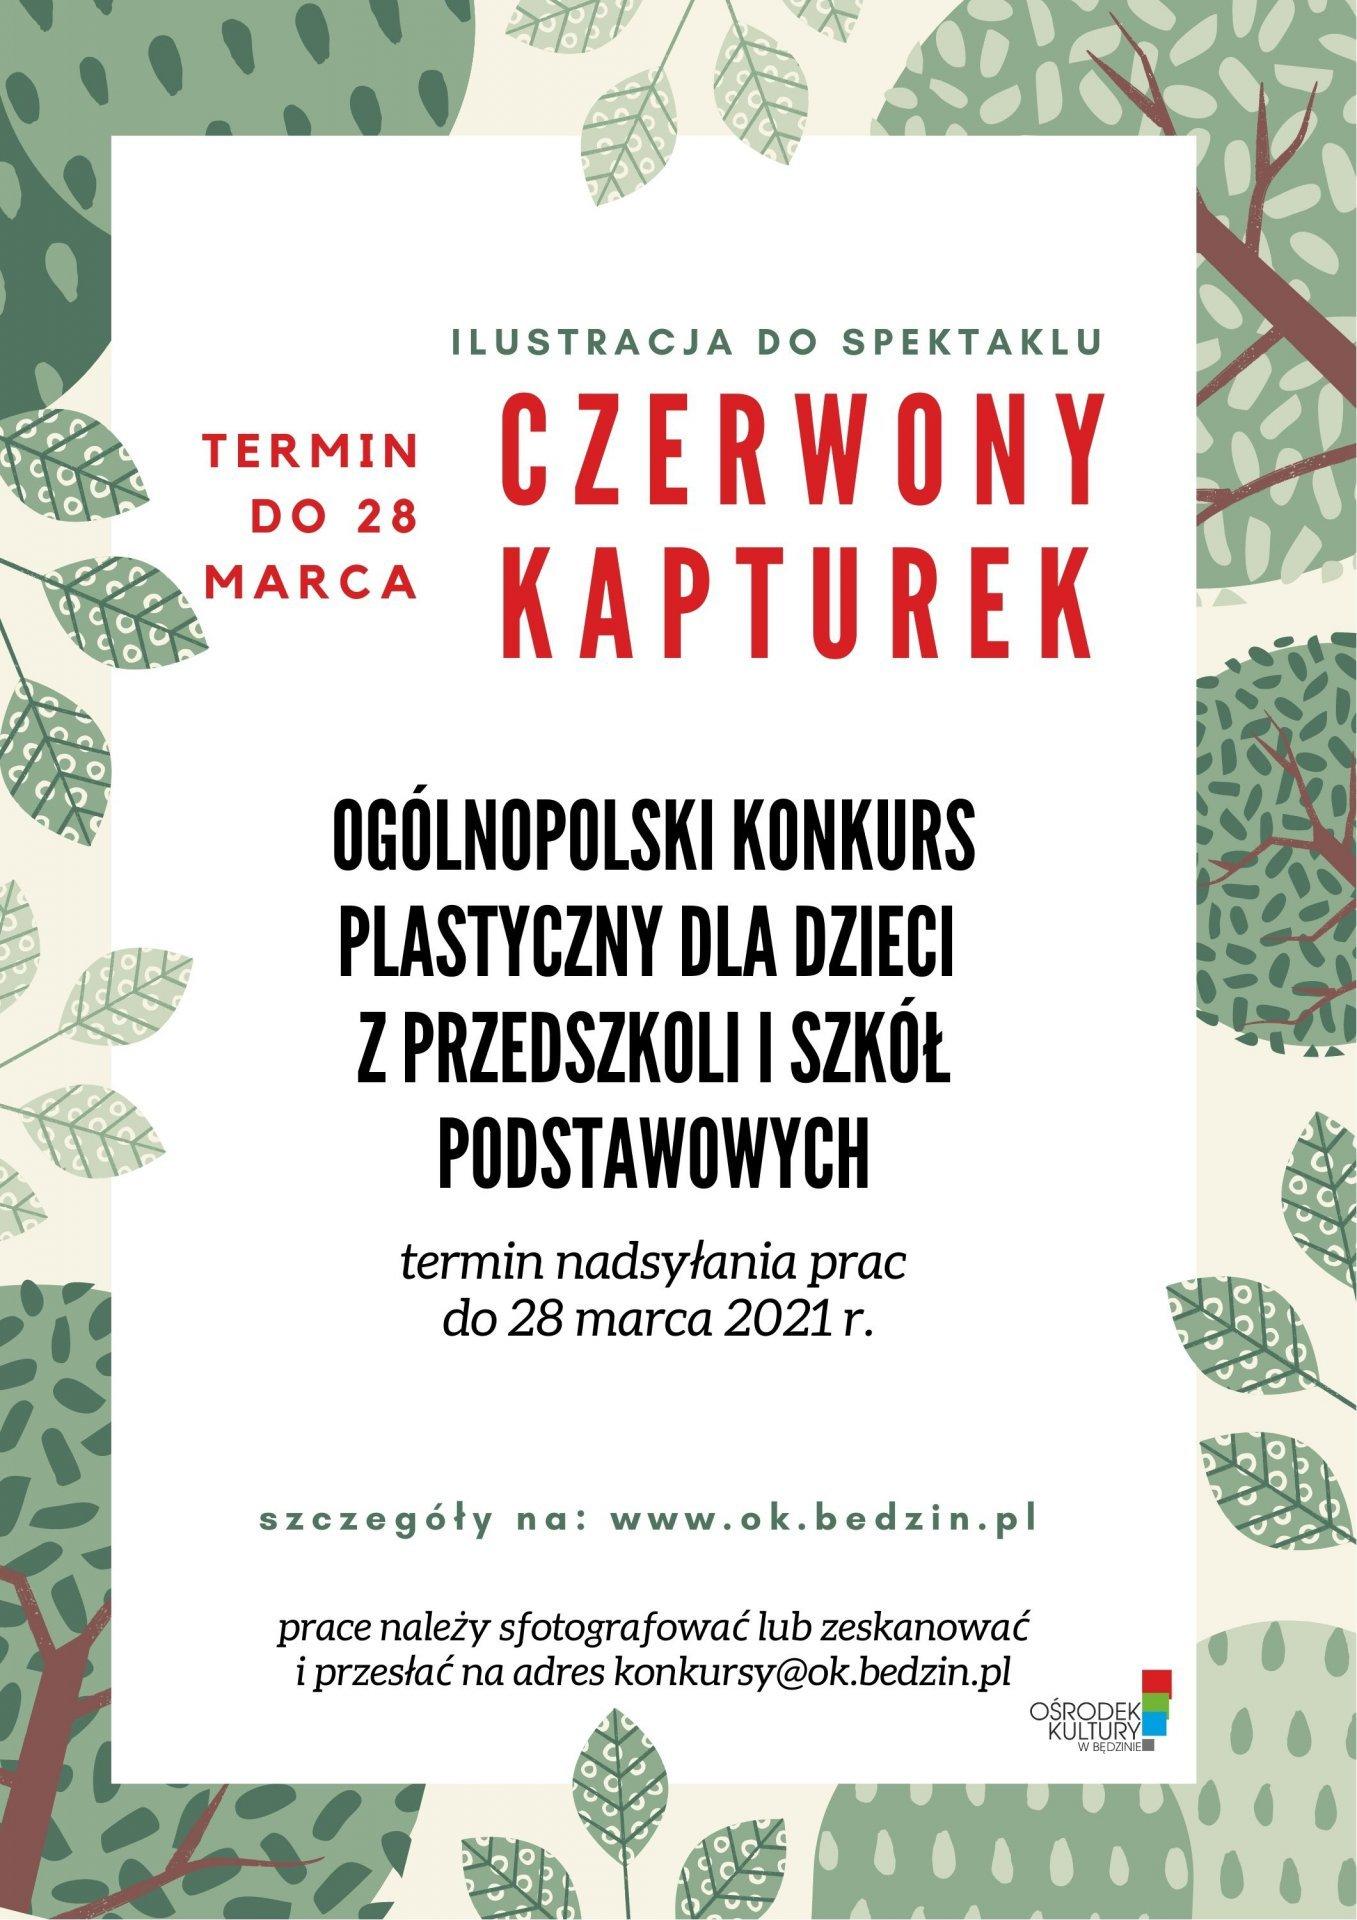 Ogólnopolski Konkurs Plastyczny - Ilustracja do spektaklu: Czerwony Kapturek